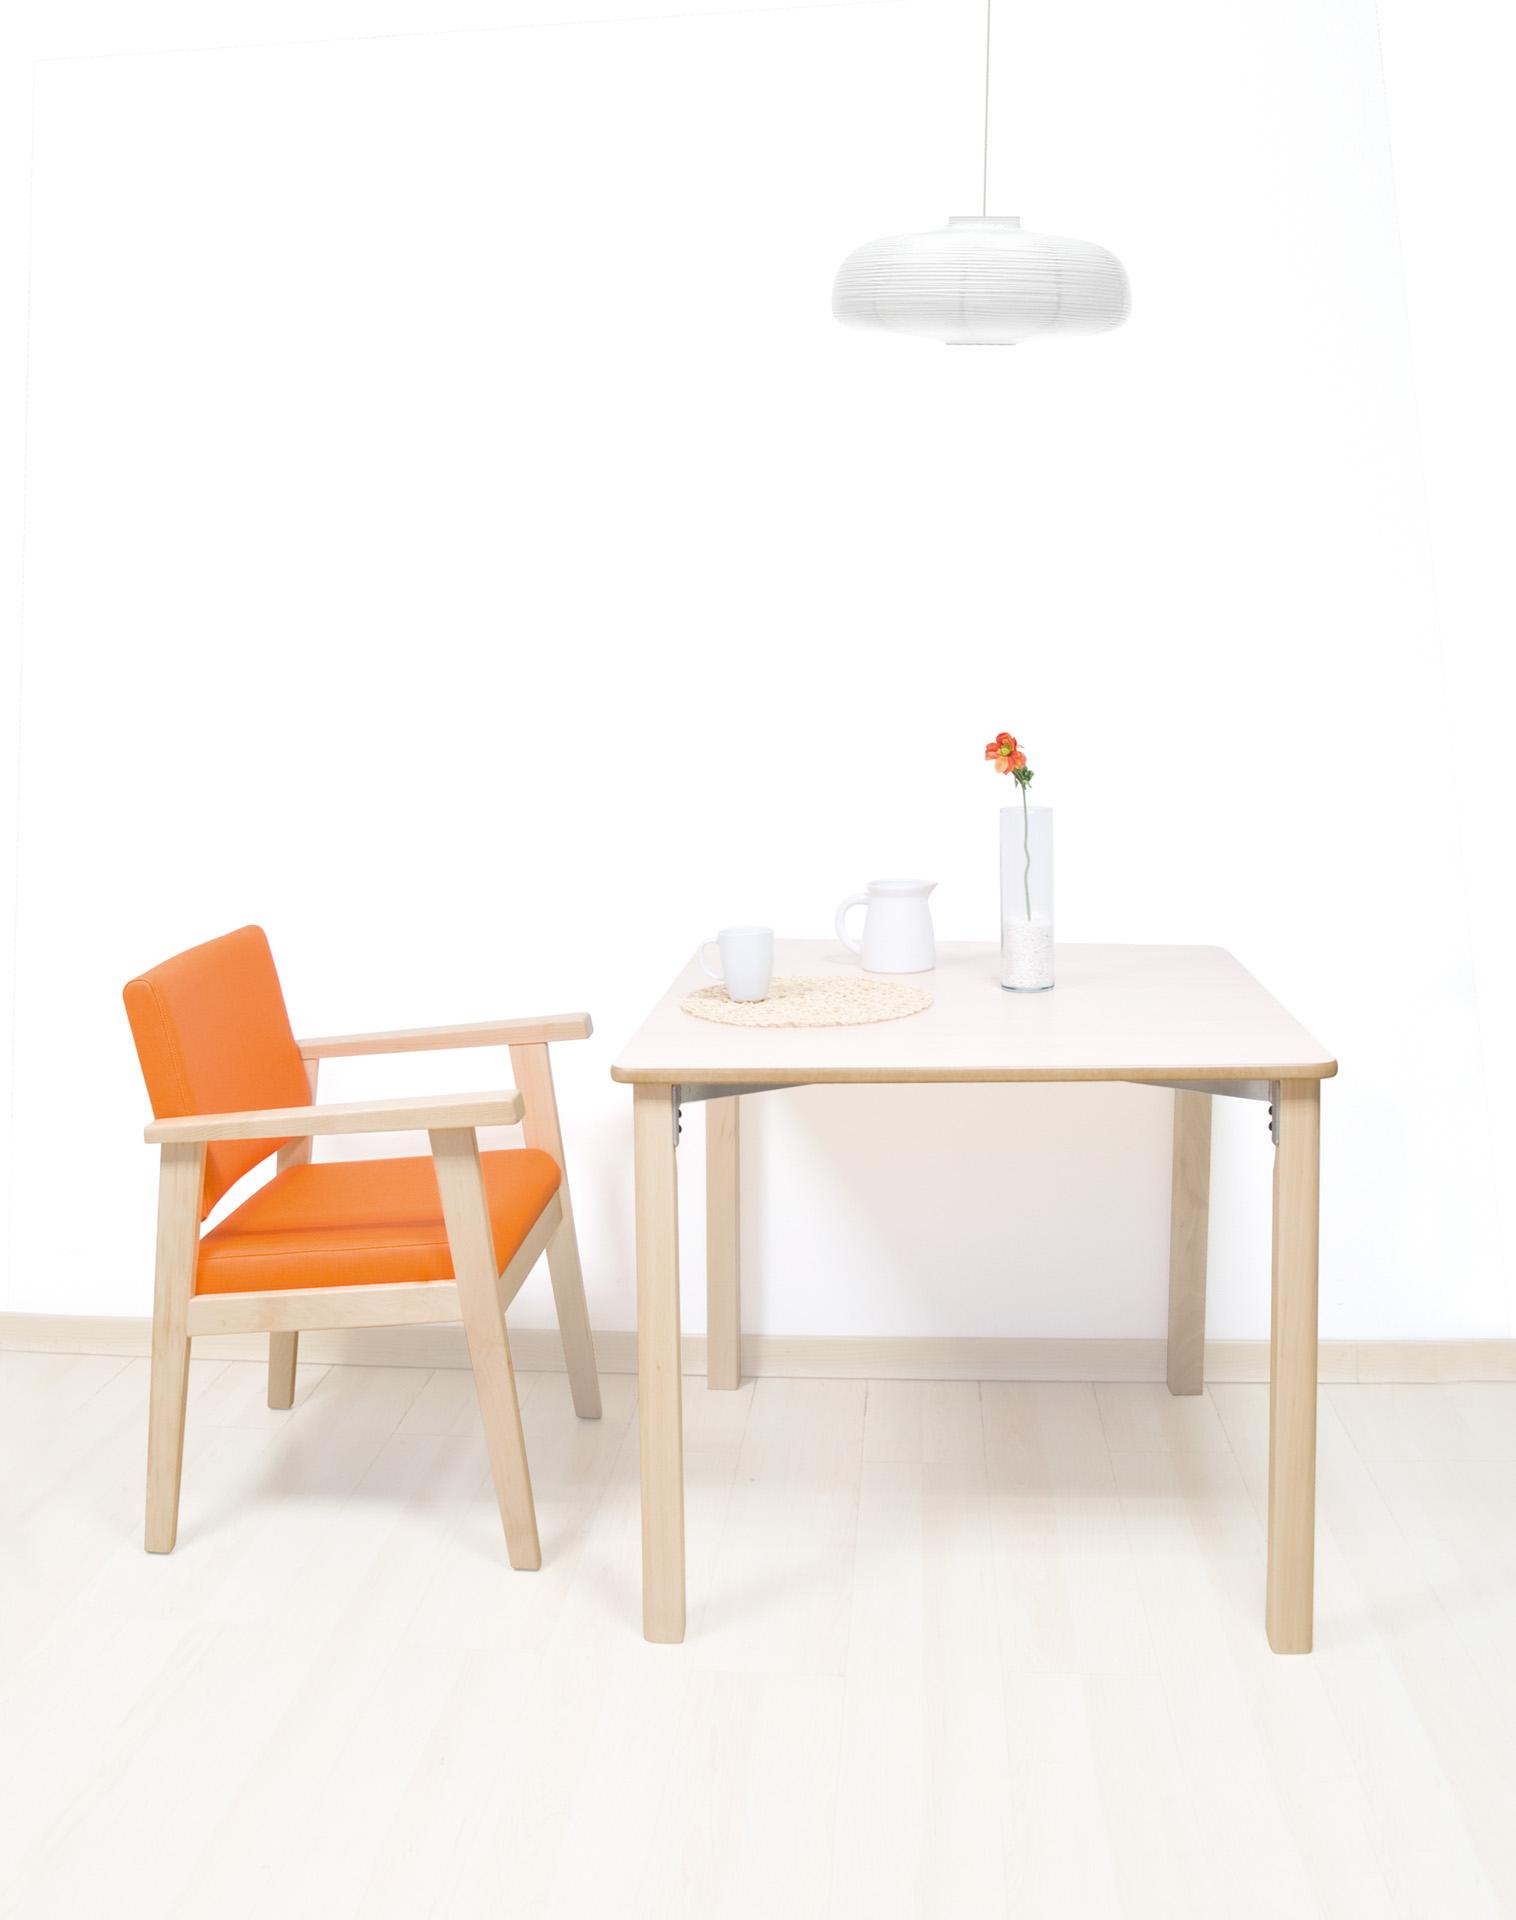 Mesas y mobiliario de instalación geriátrica de SENIORCARE